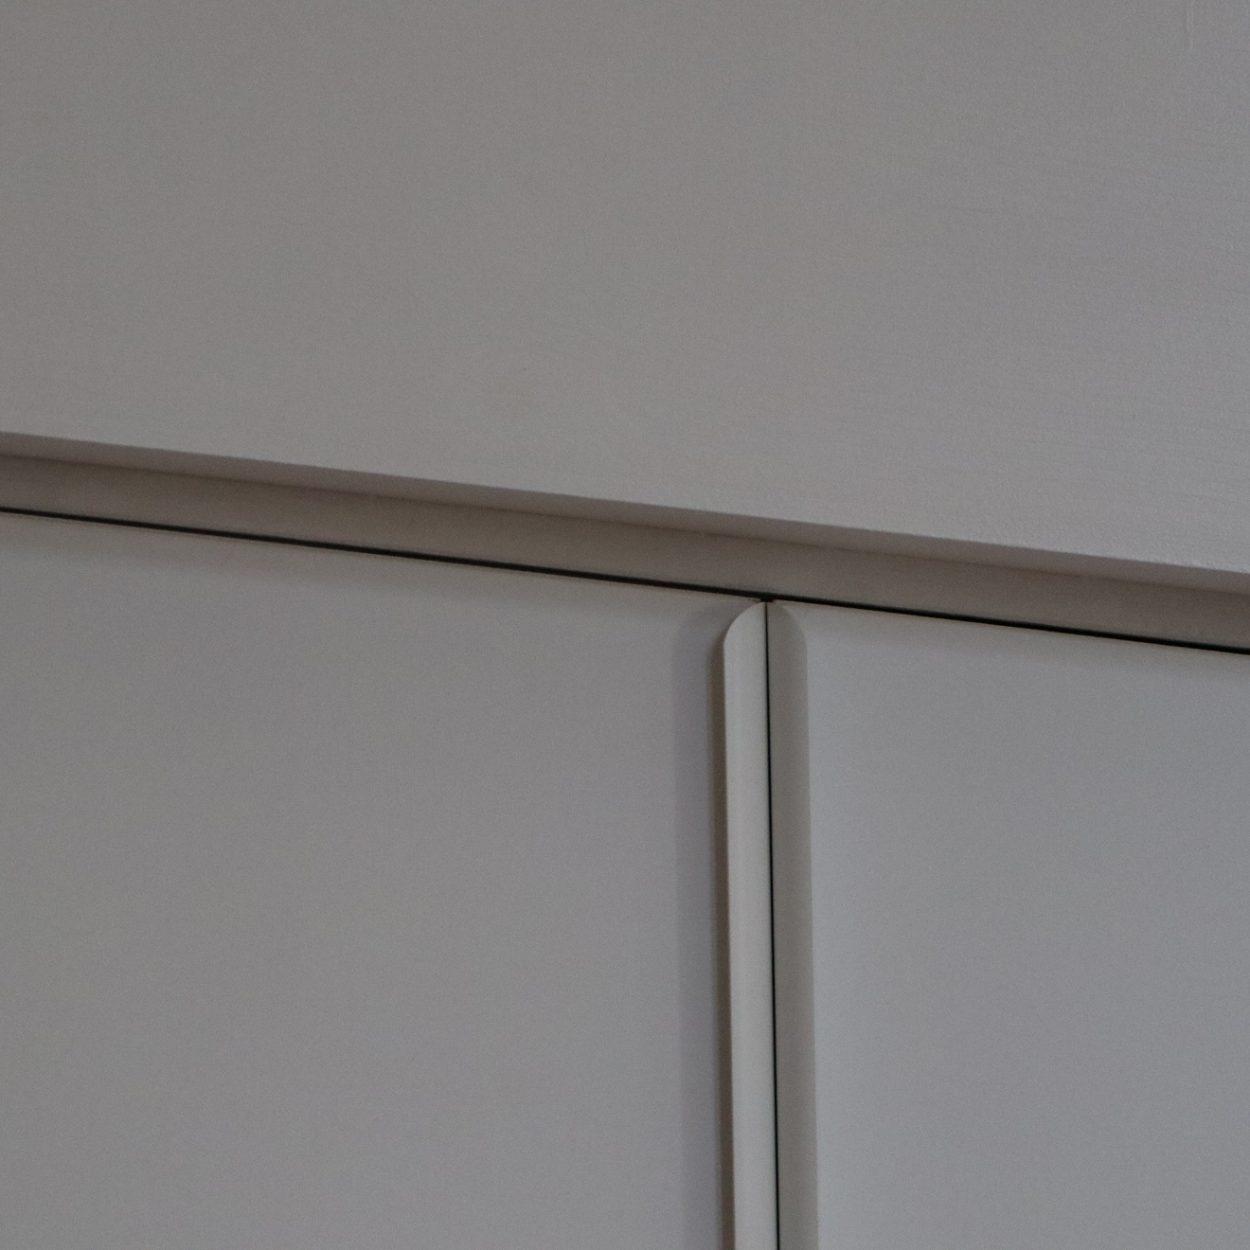 Inloopkast - detail deuren wandkast